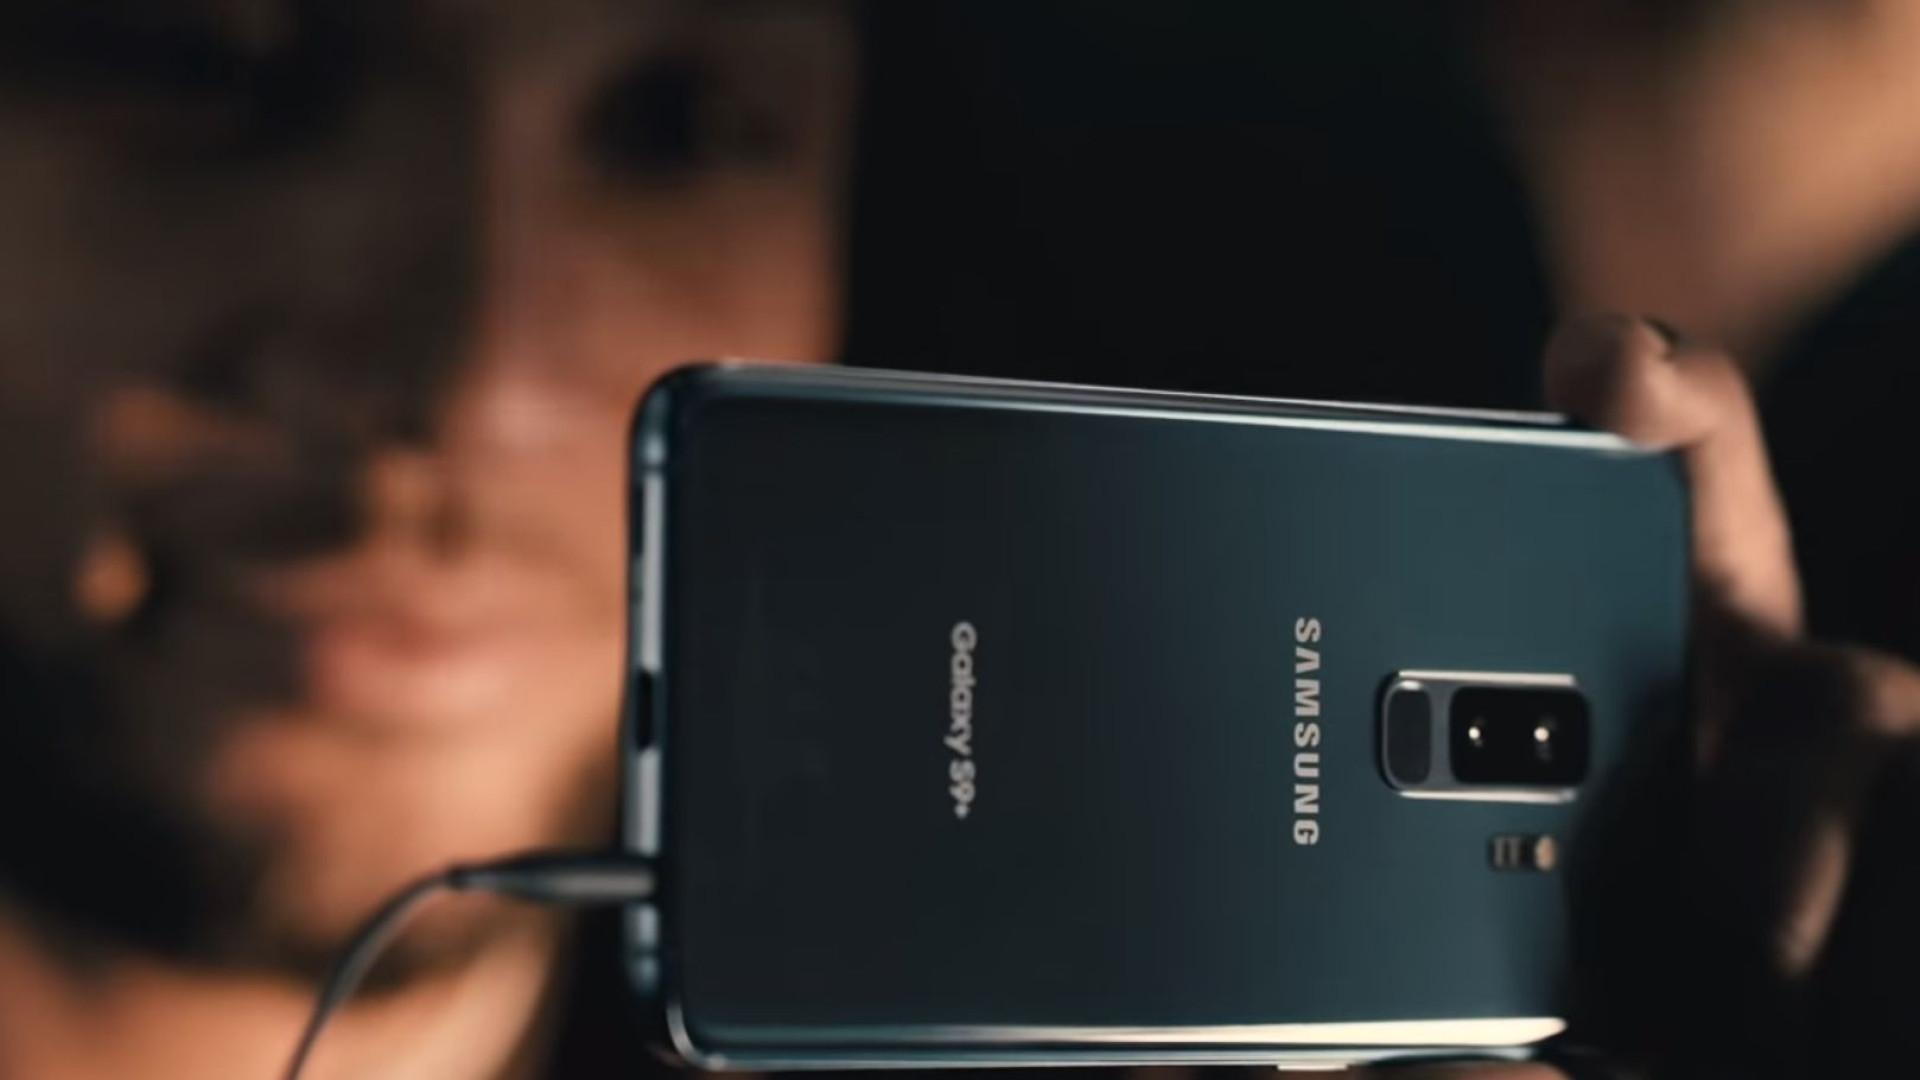 Samsung volta a 'atacar' Apple em novo anúncio